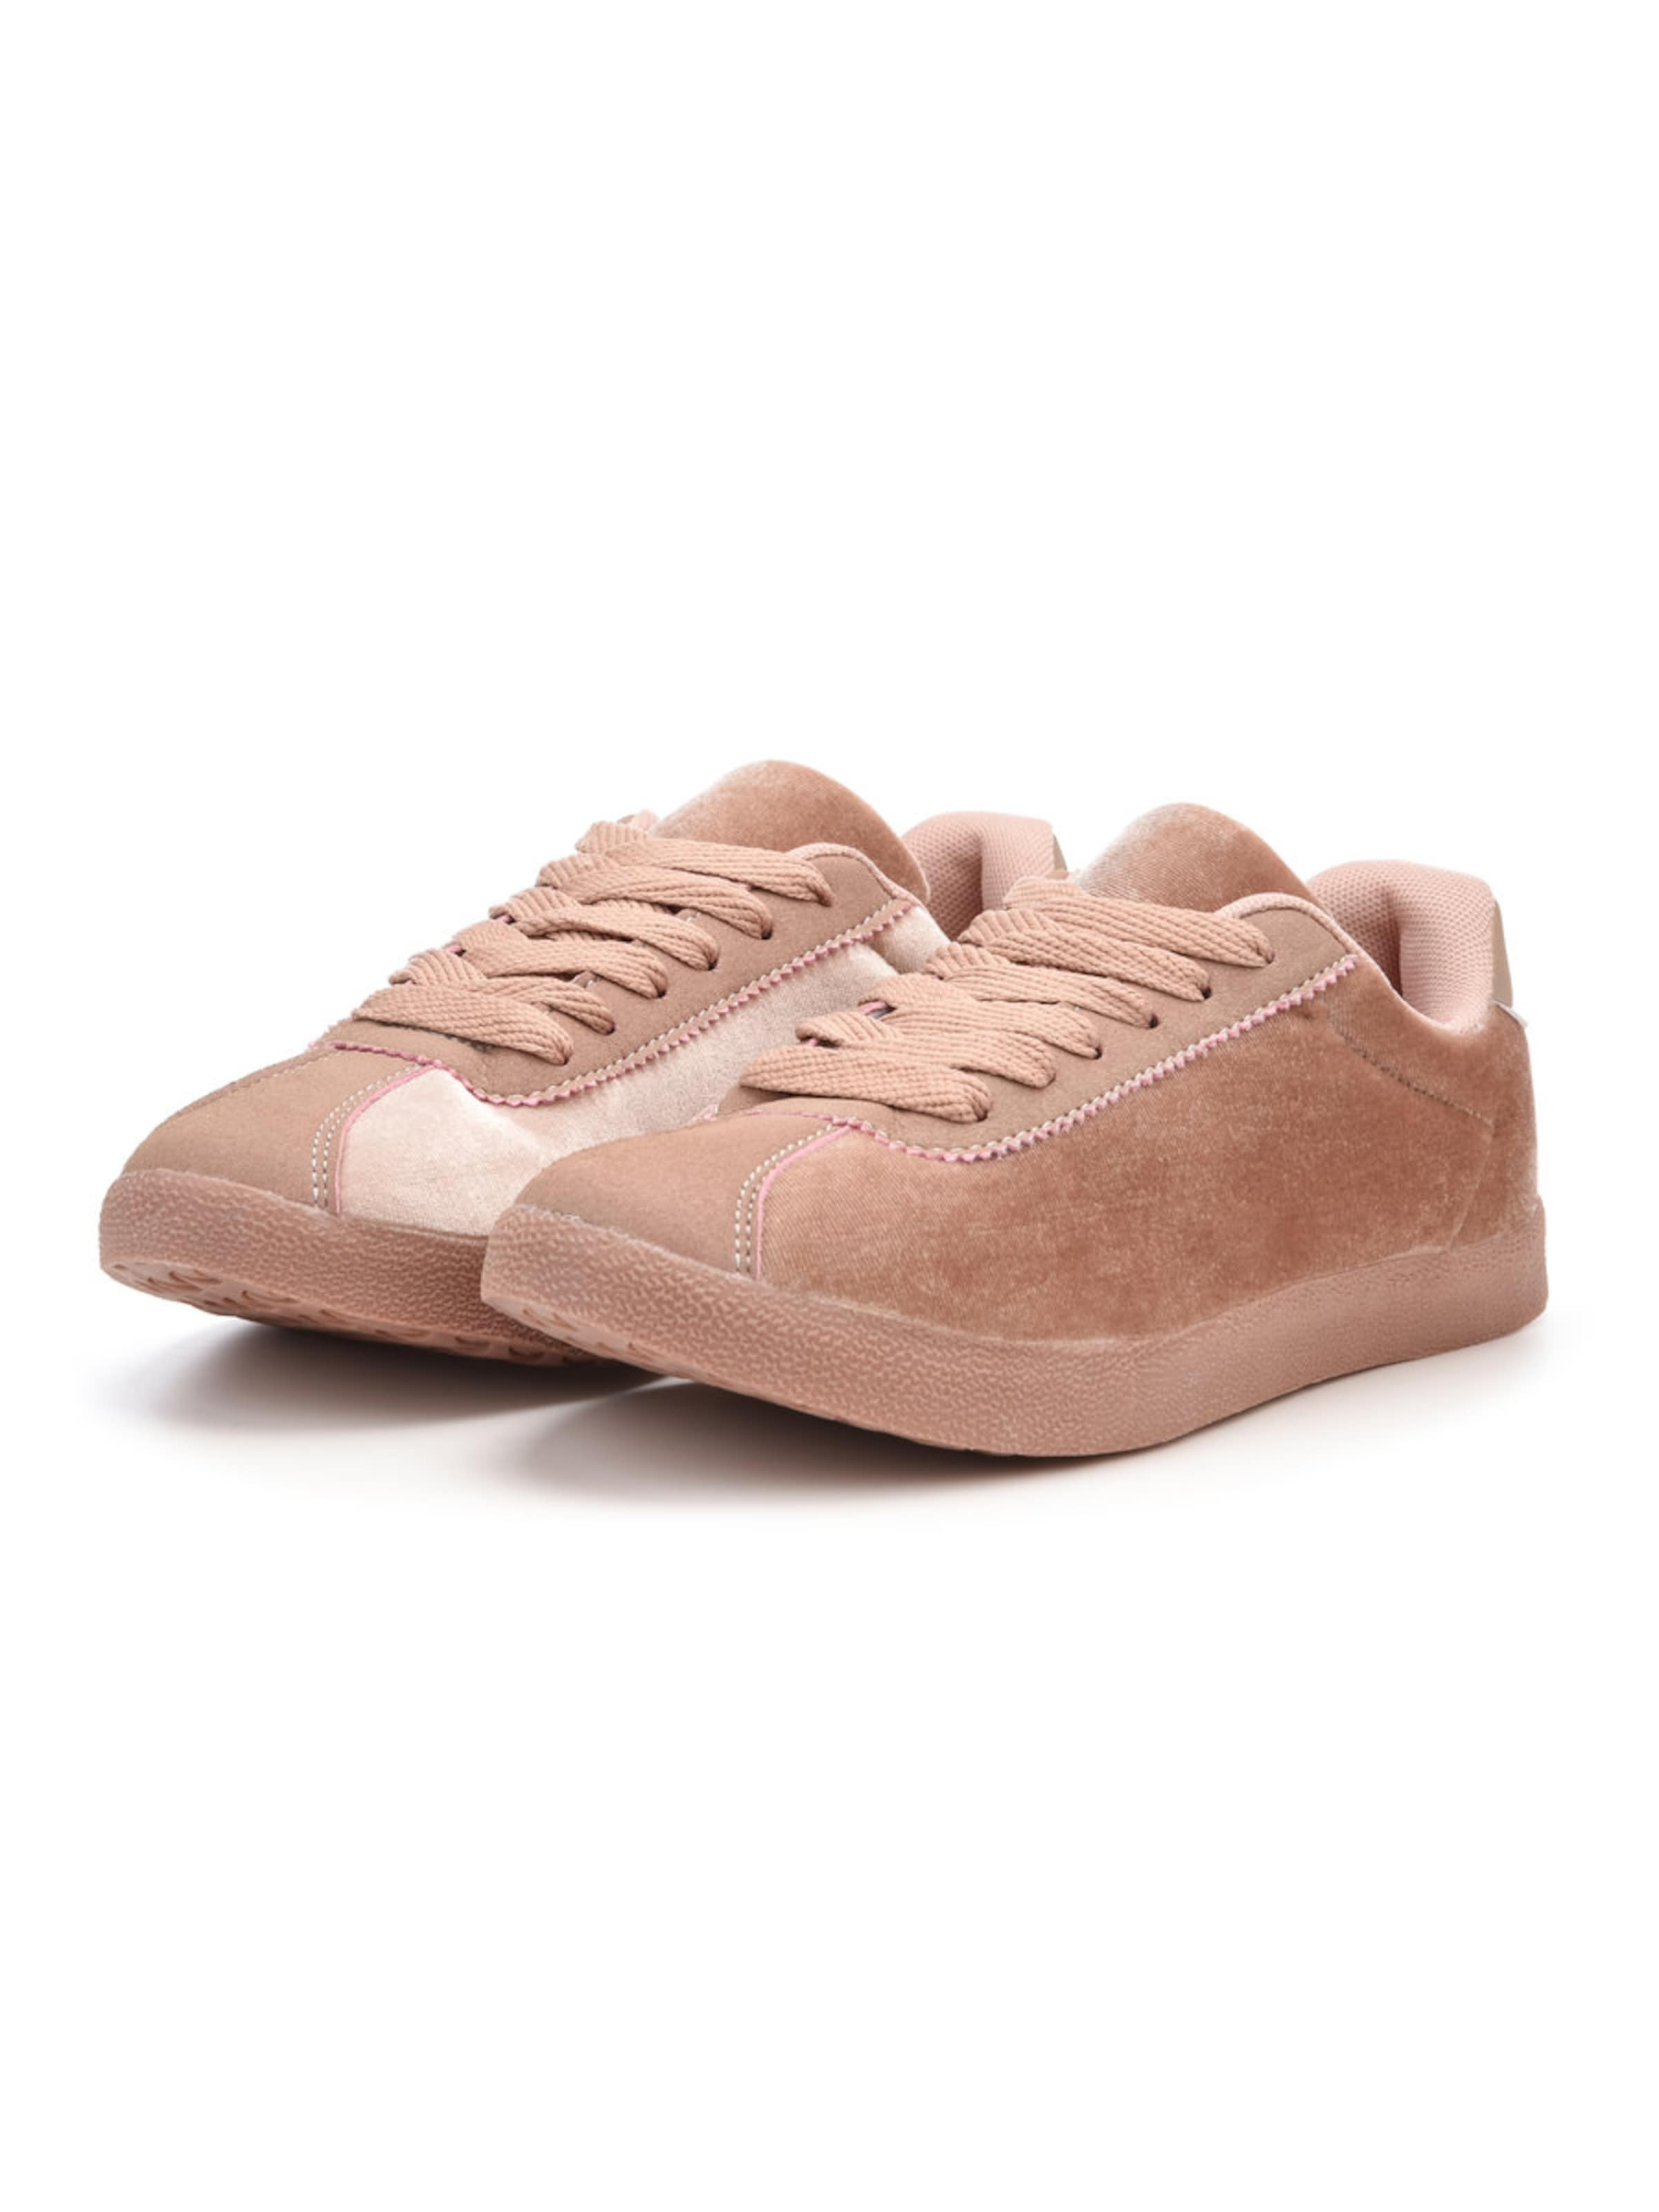 Bianco Schuhe Bilder Zum Verkauf Online-Verkauf Auslass Heißen Verkauf Freies Verschiffen Echte RfqyQ7